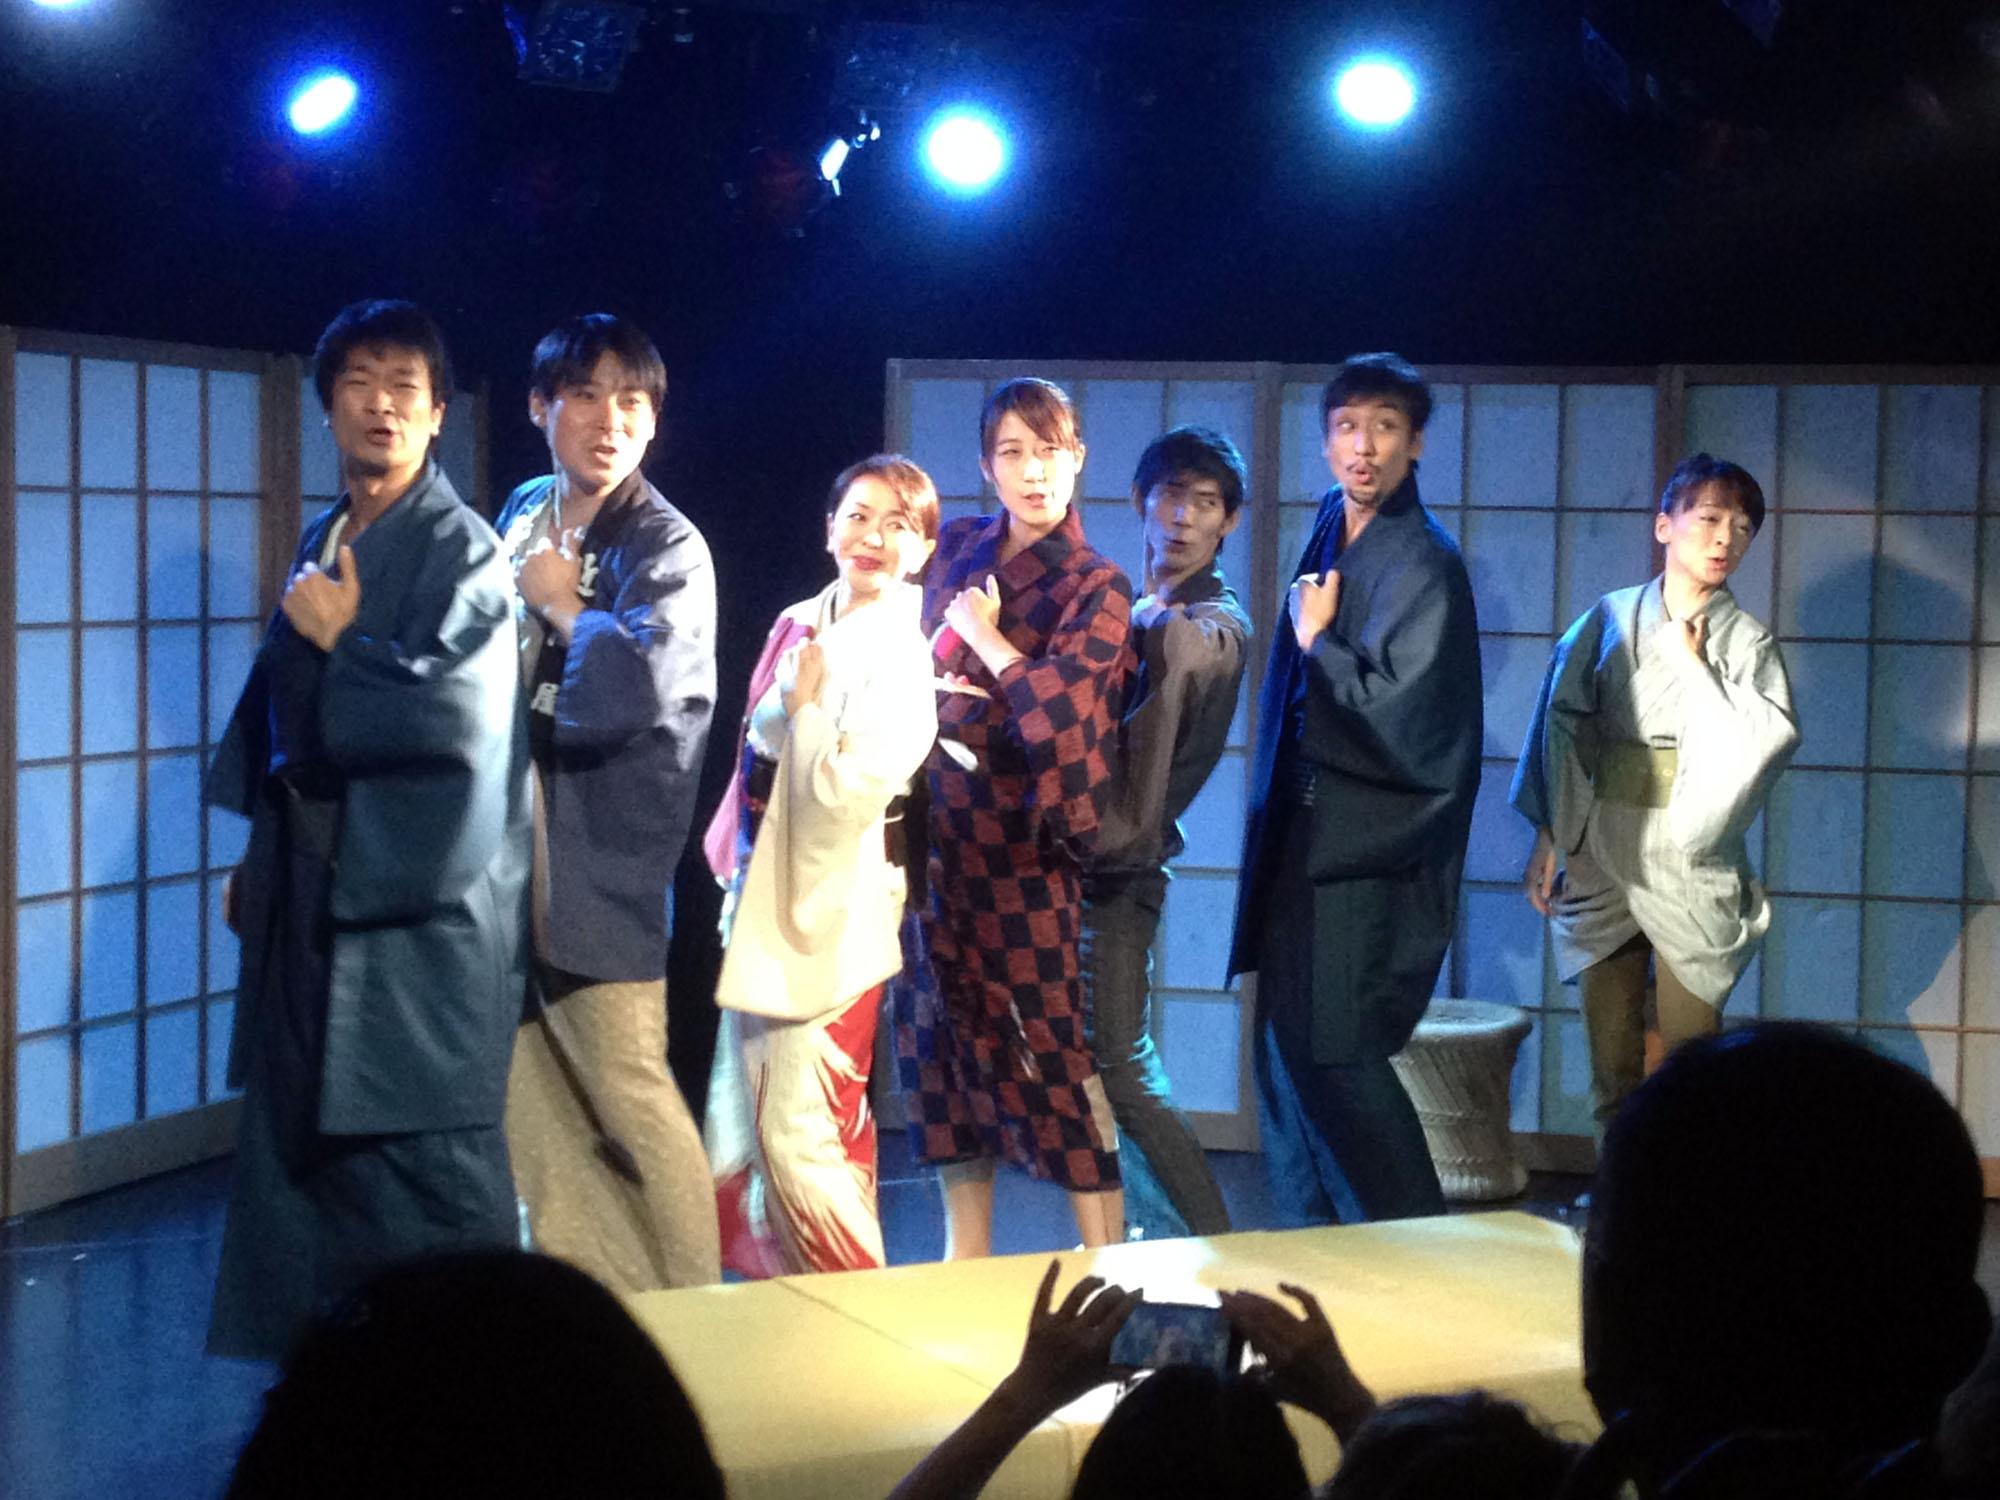 『文七元結 the musical !!』 舞台本番 オープニング by 望月龍平シアターカンパニー